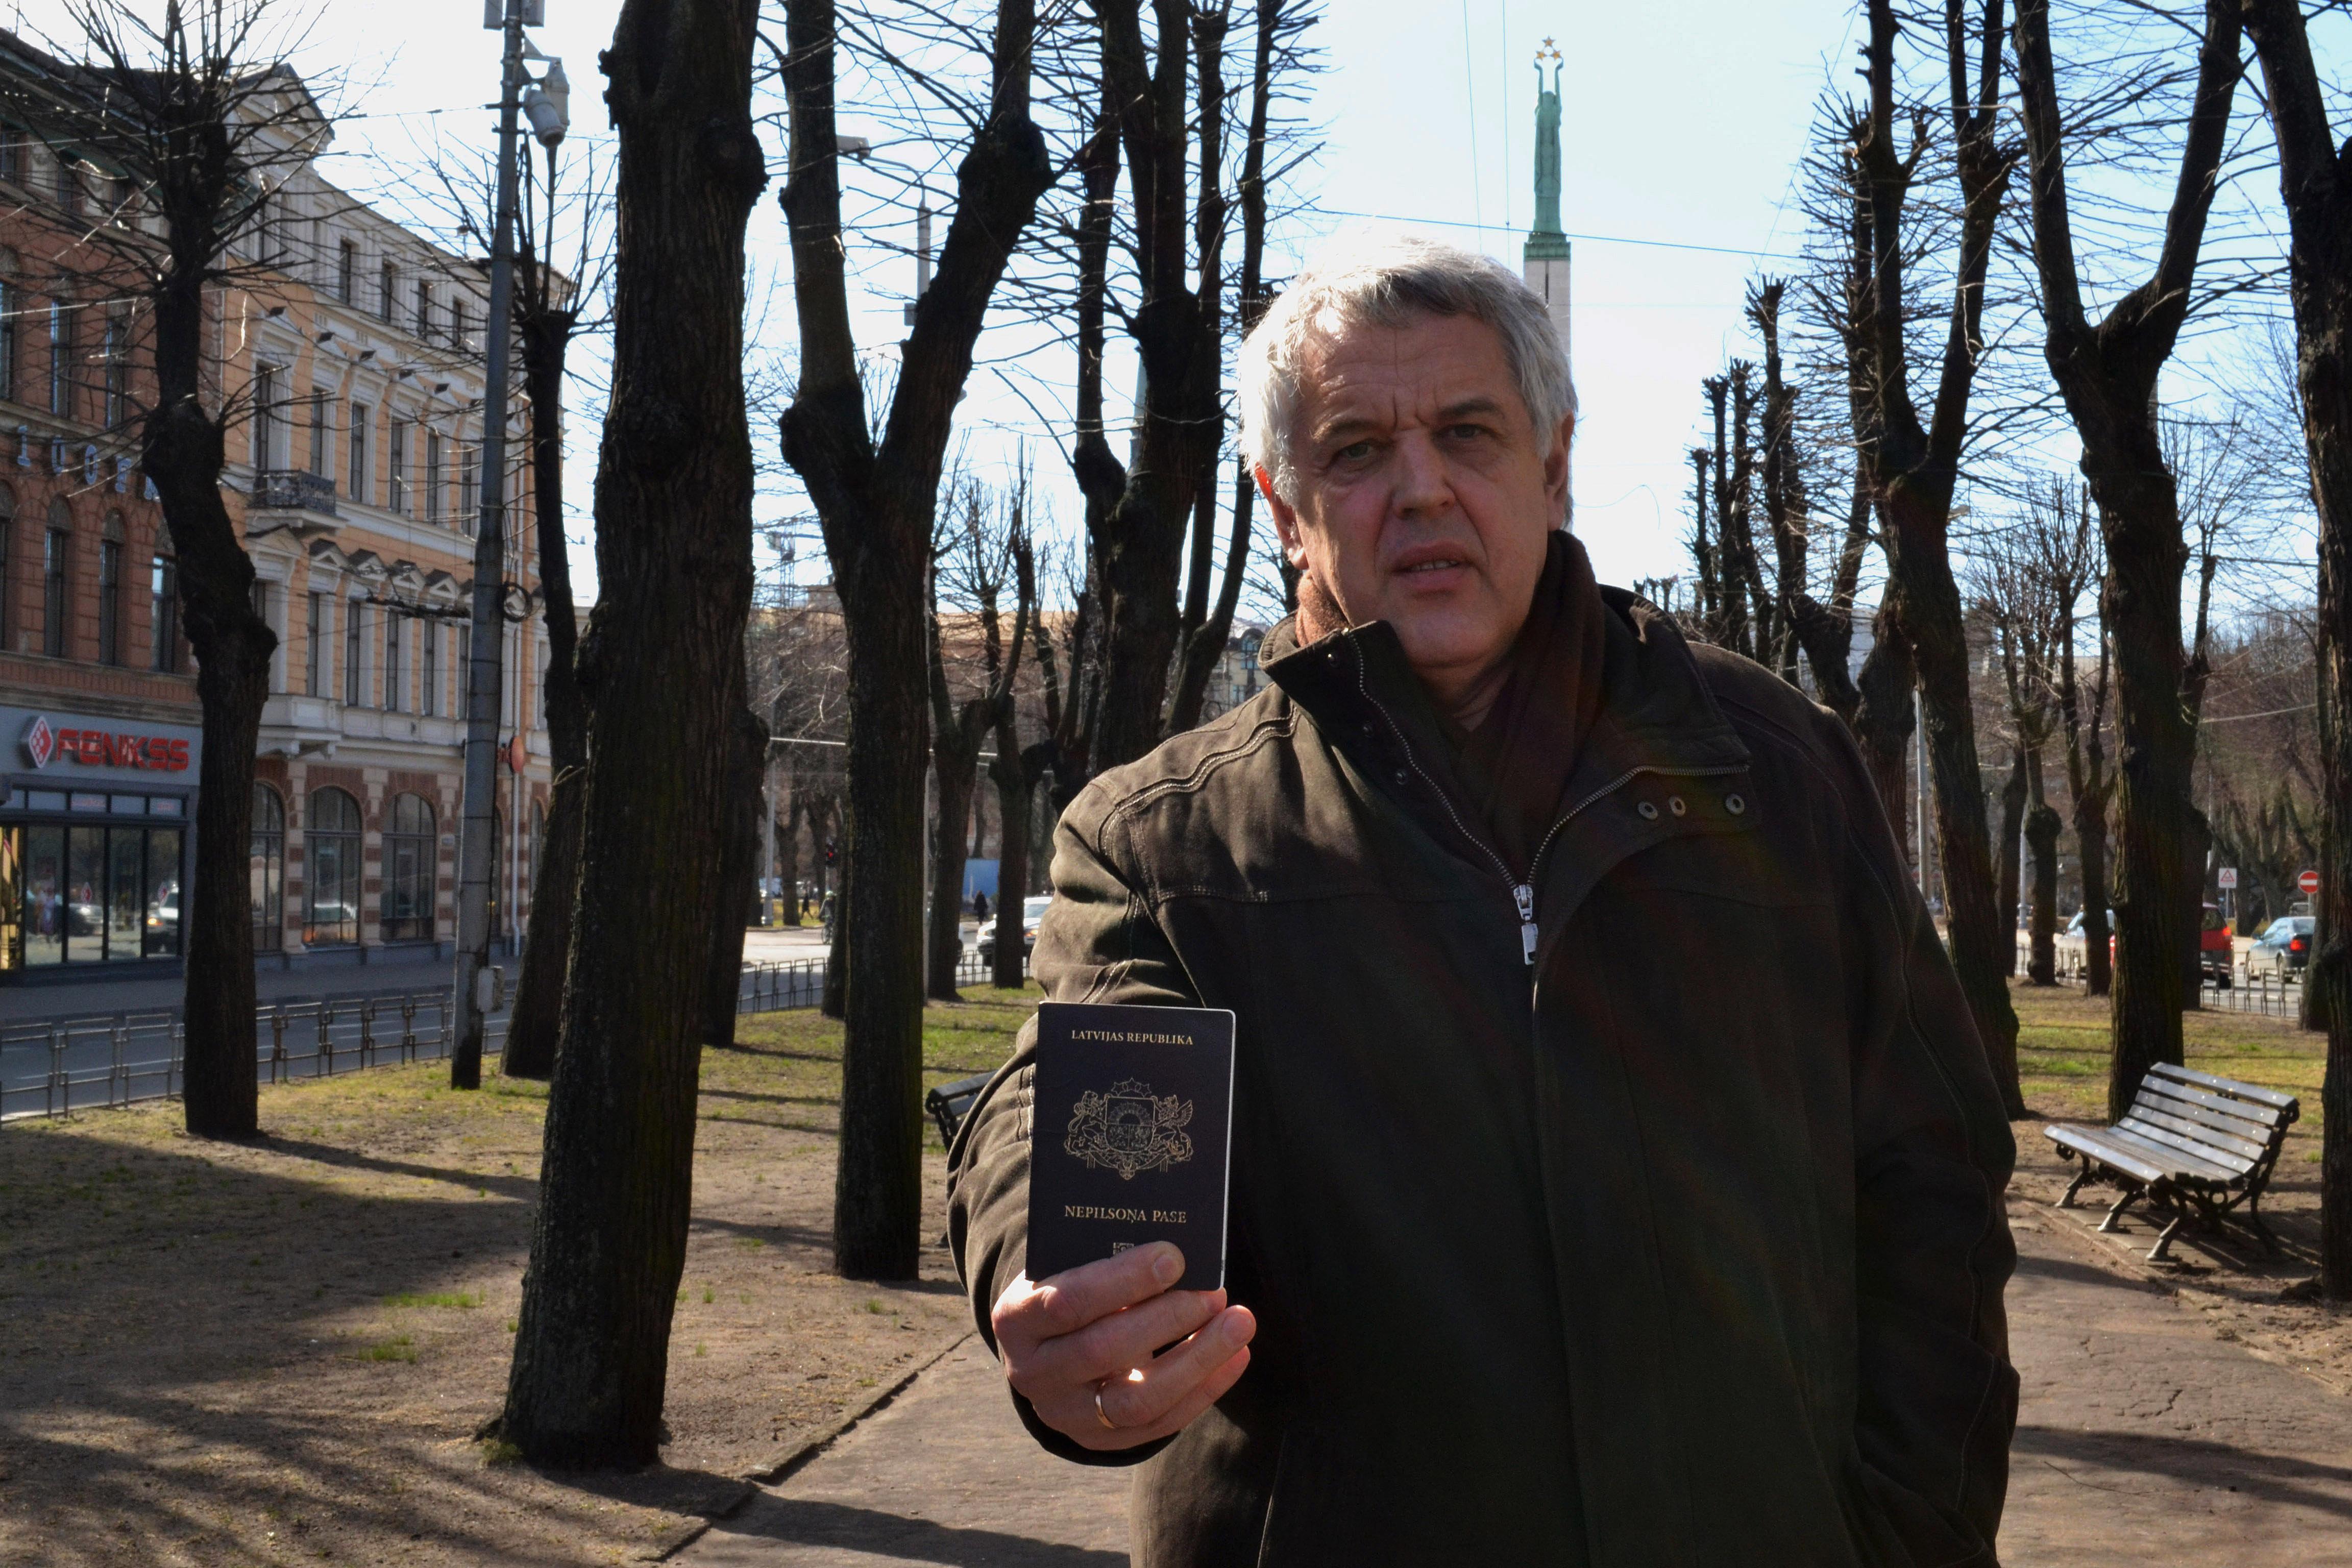 Aleksandr Gaponenko, non-citizens.